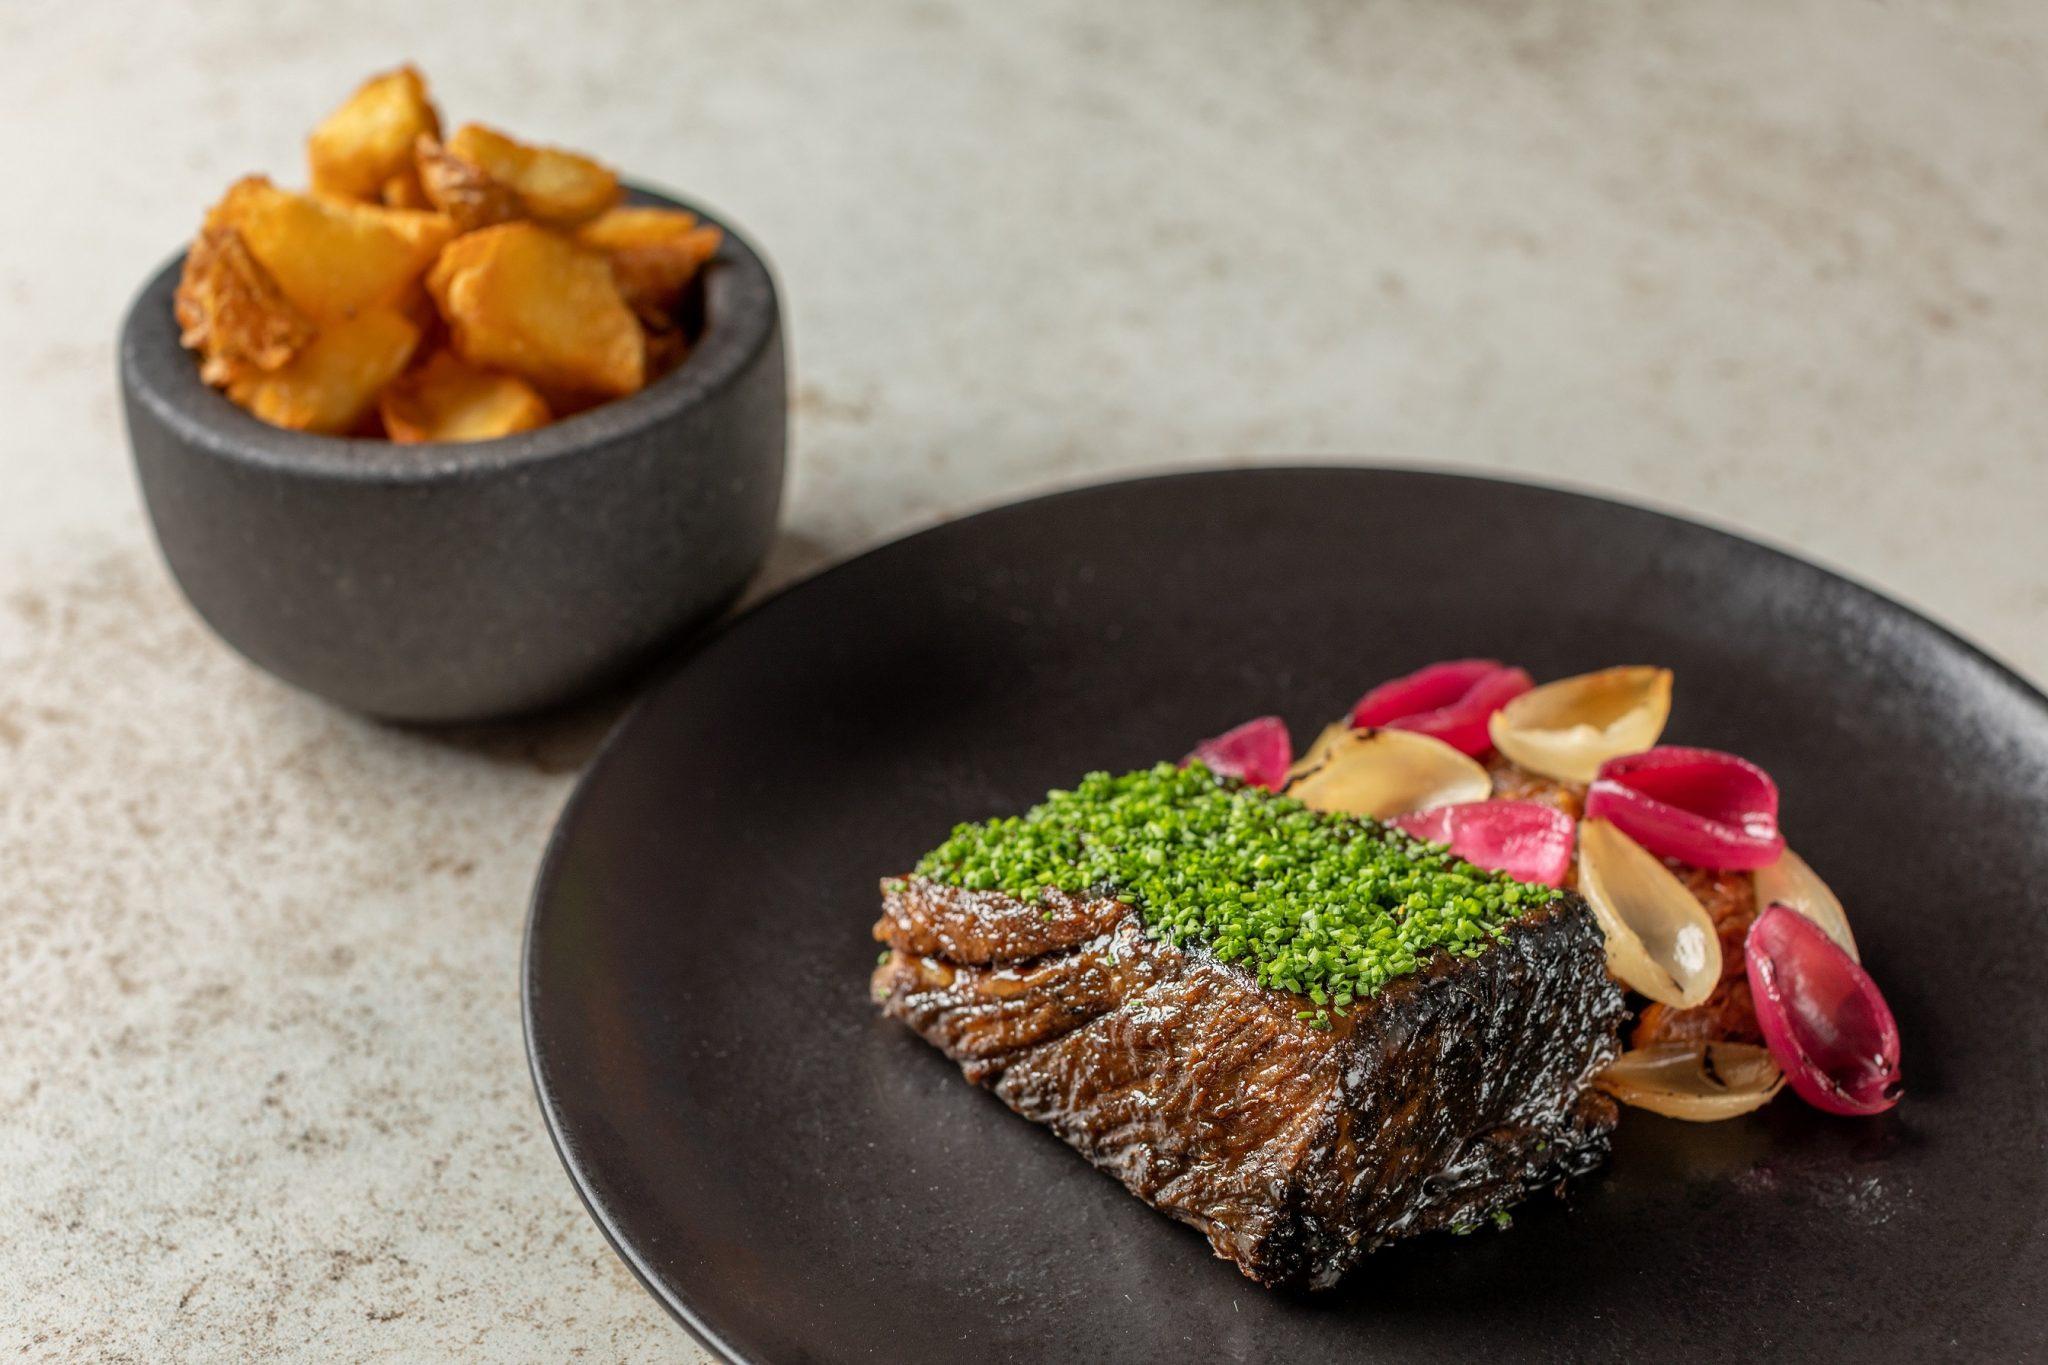 Restaurante Pipo lança menu degustação e novos pratos à la carte